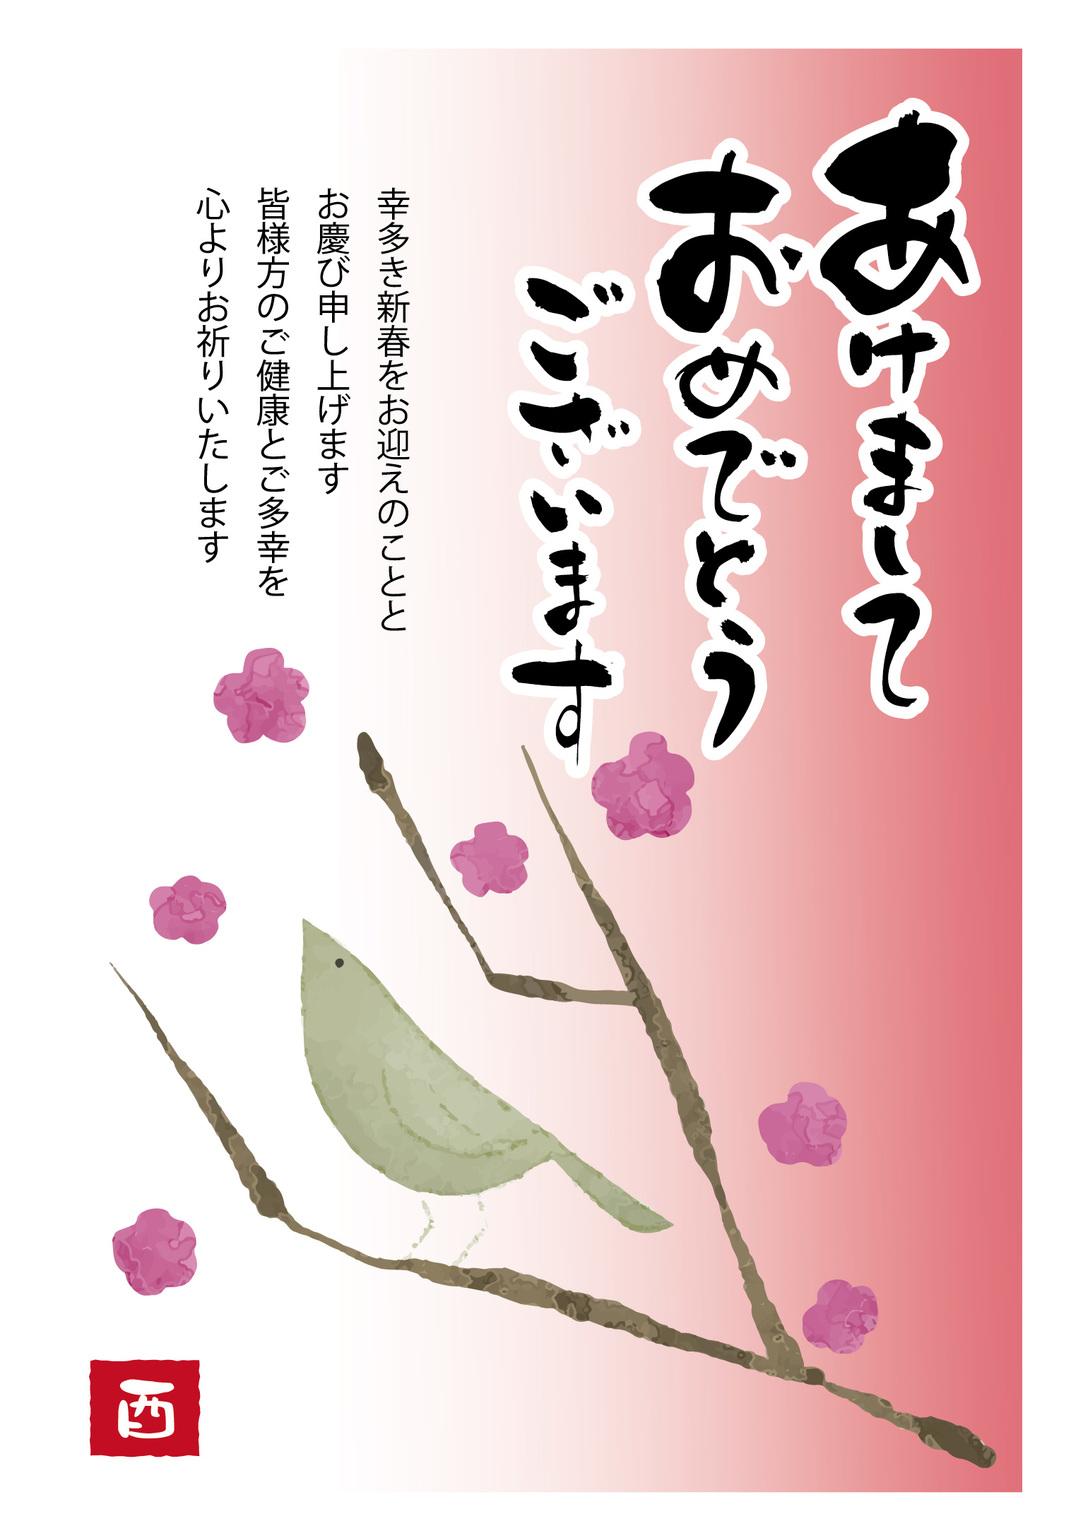 梅とウグイス(JPEG,PNG,EPS)